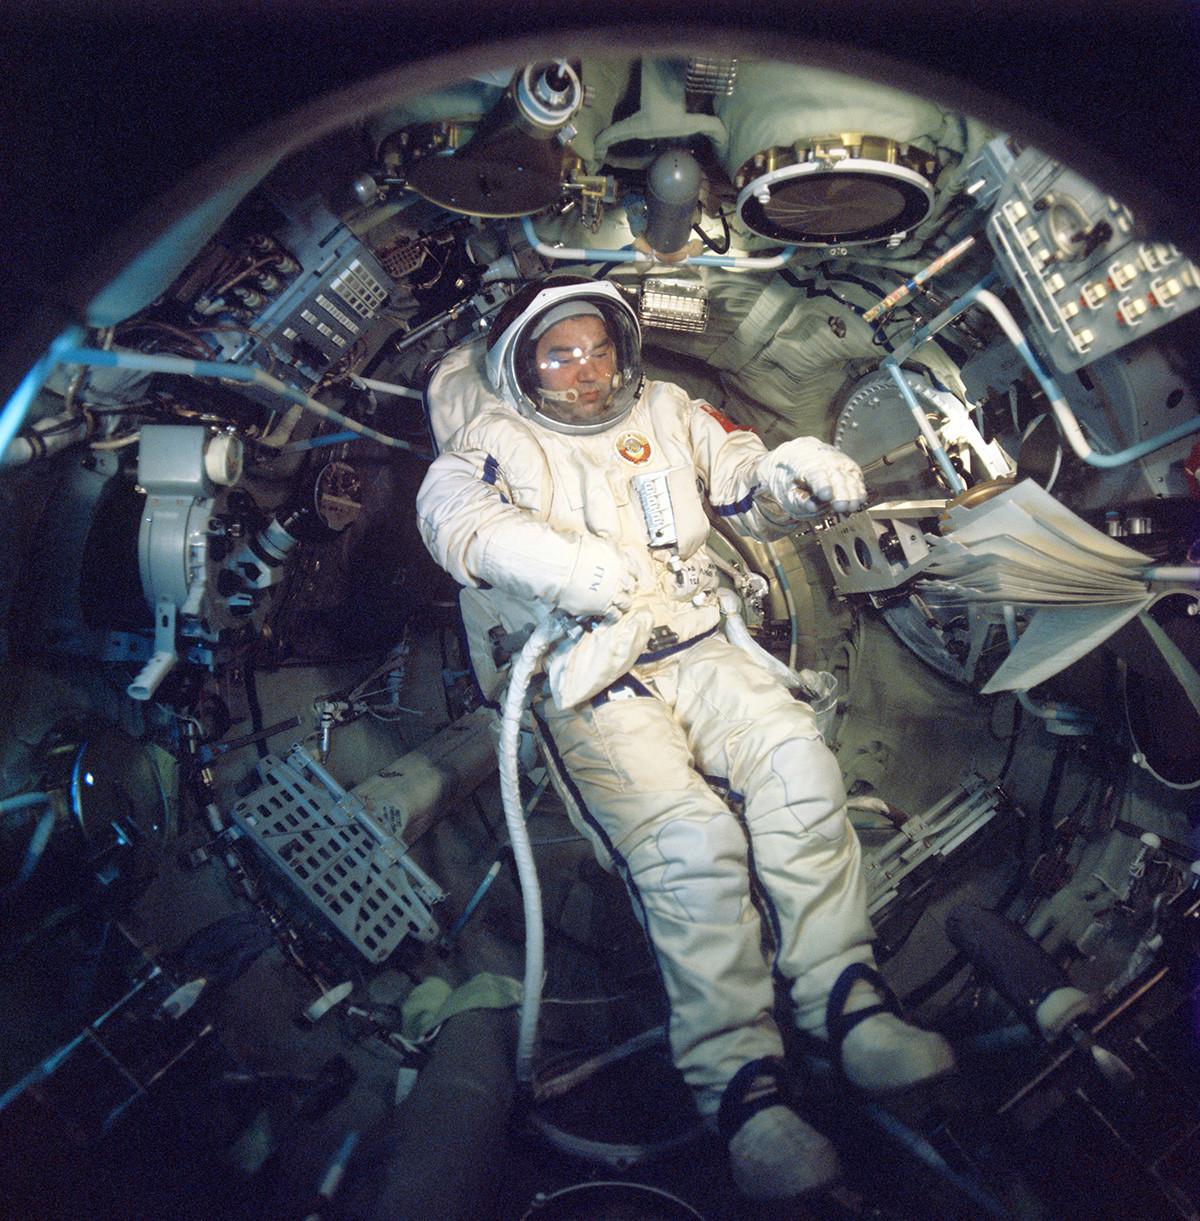 宇宙飛行中のゲオルギー・グレチコ、1978年